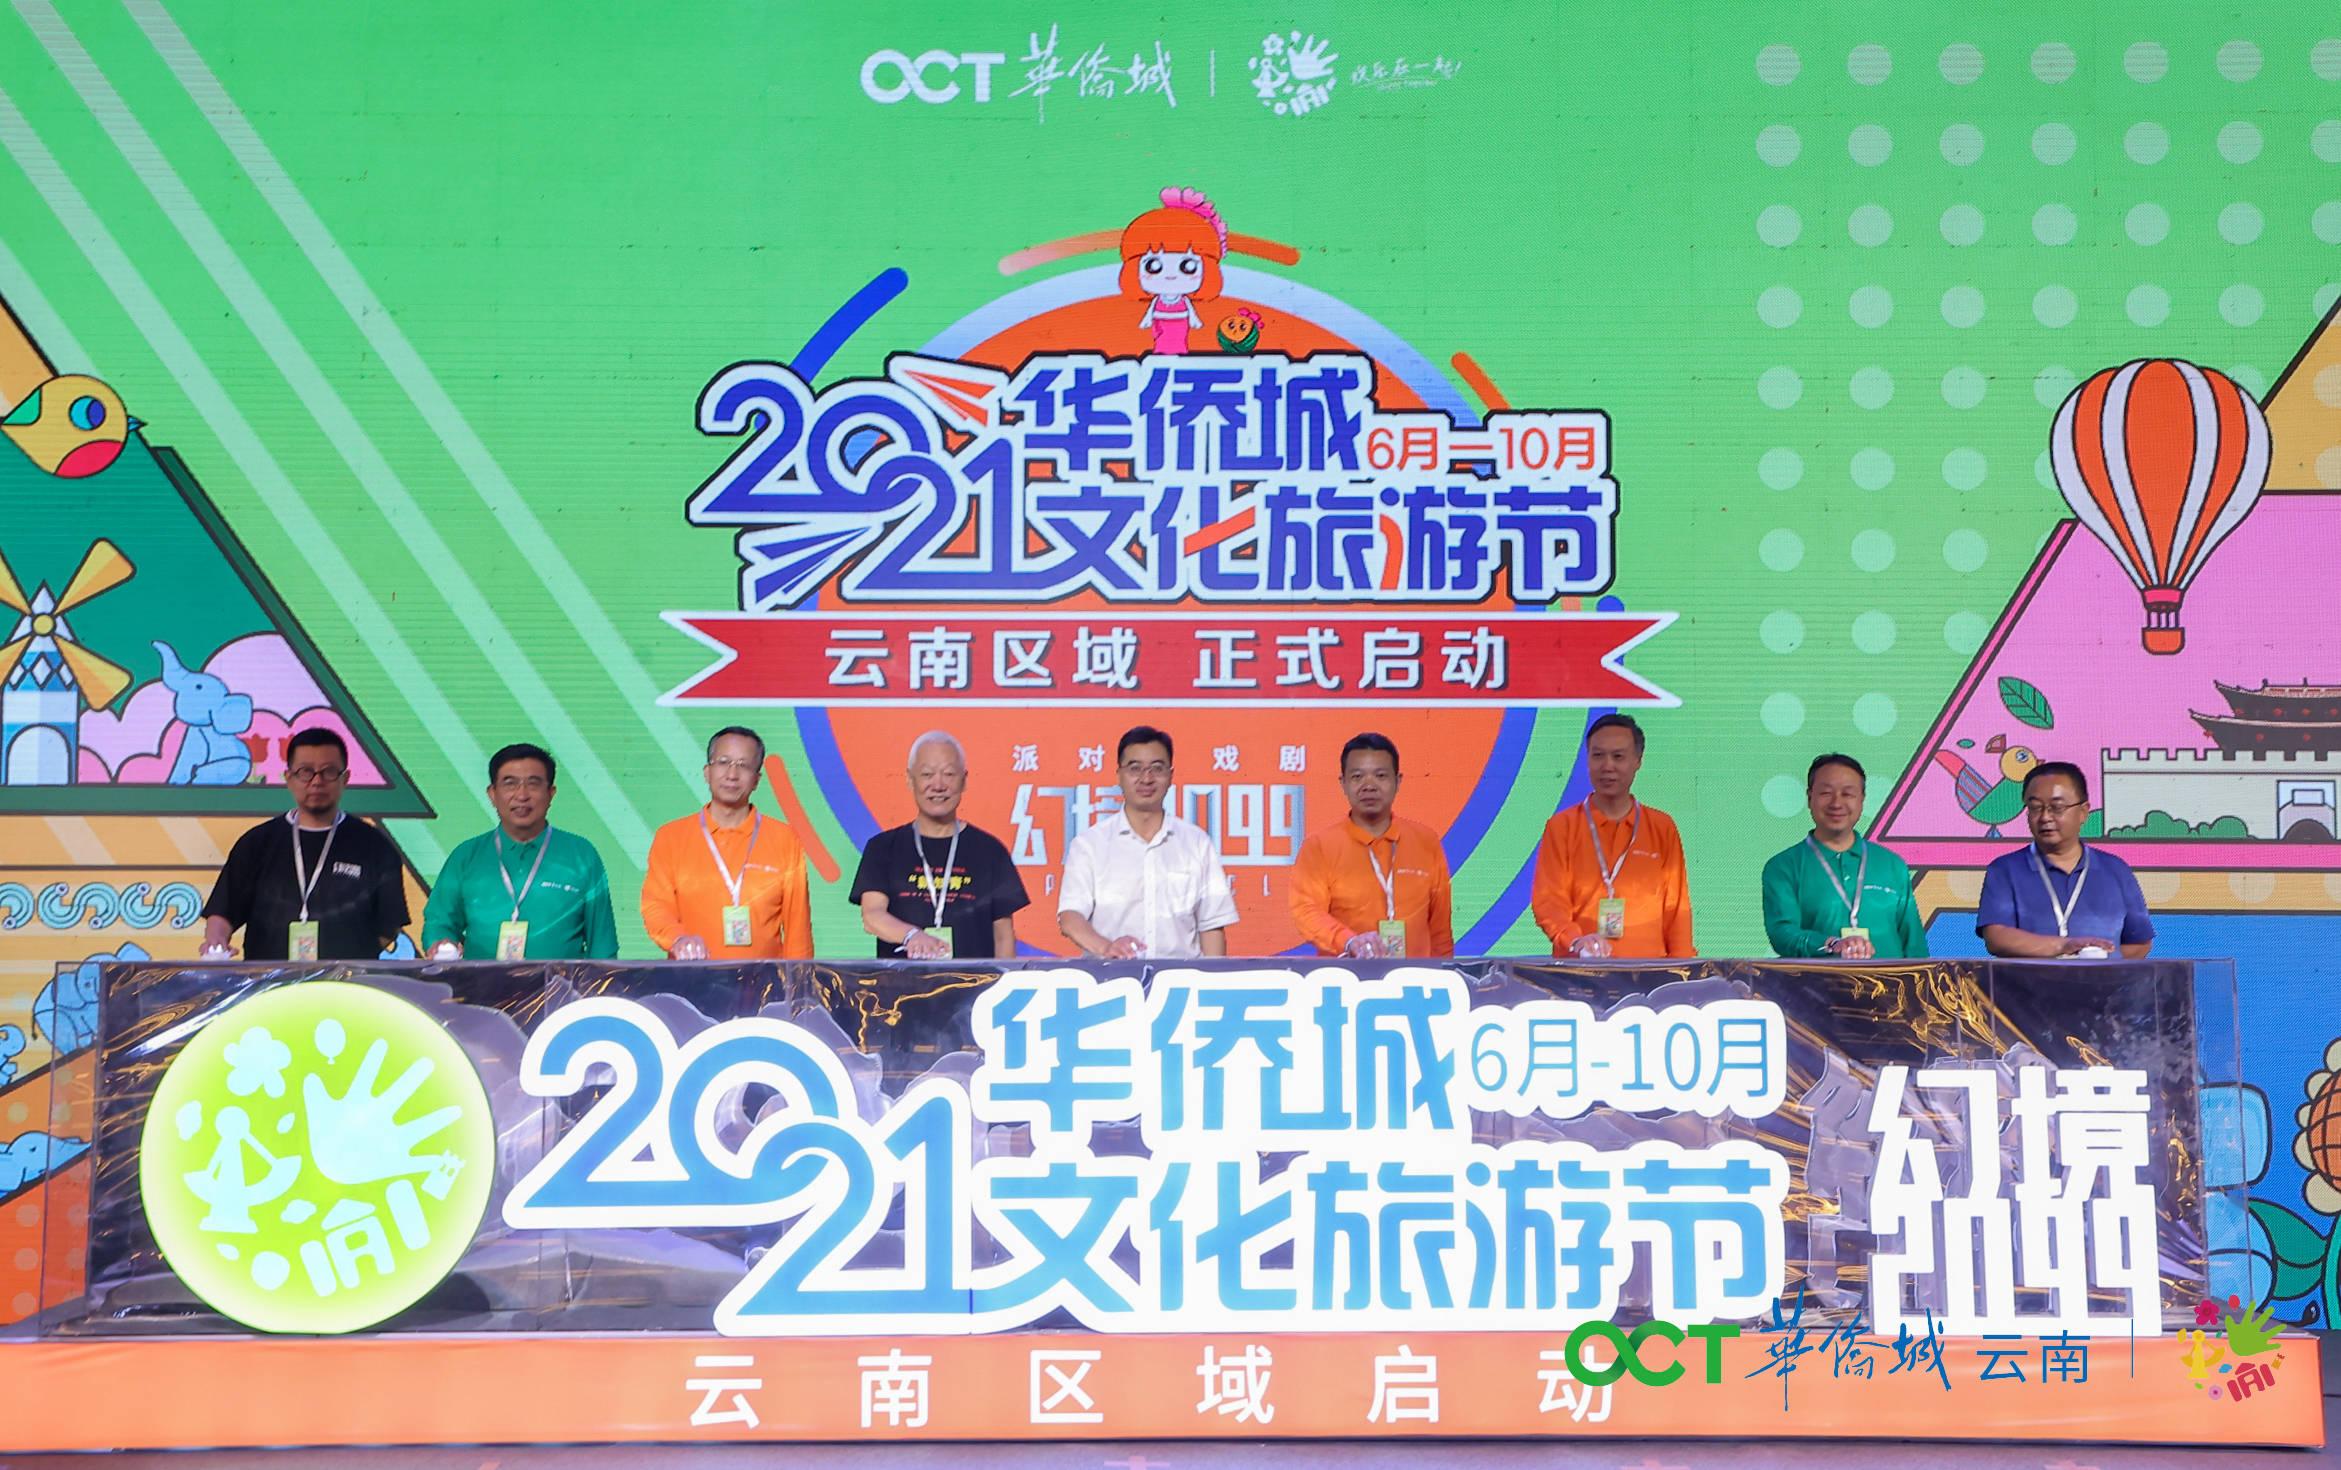 聚焦康旅 创新产品 2021华侨城文化旅游节云南区域正式启动